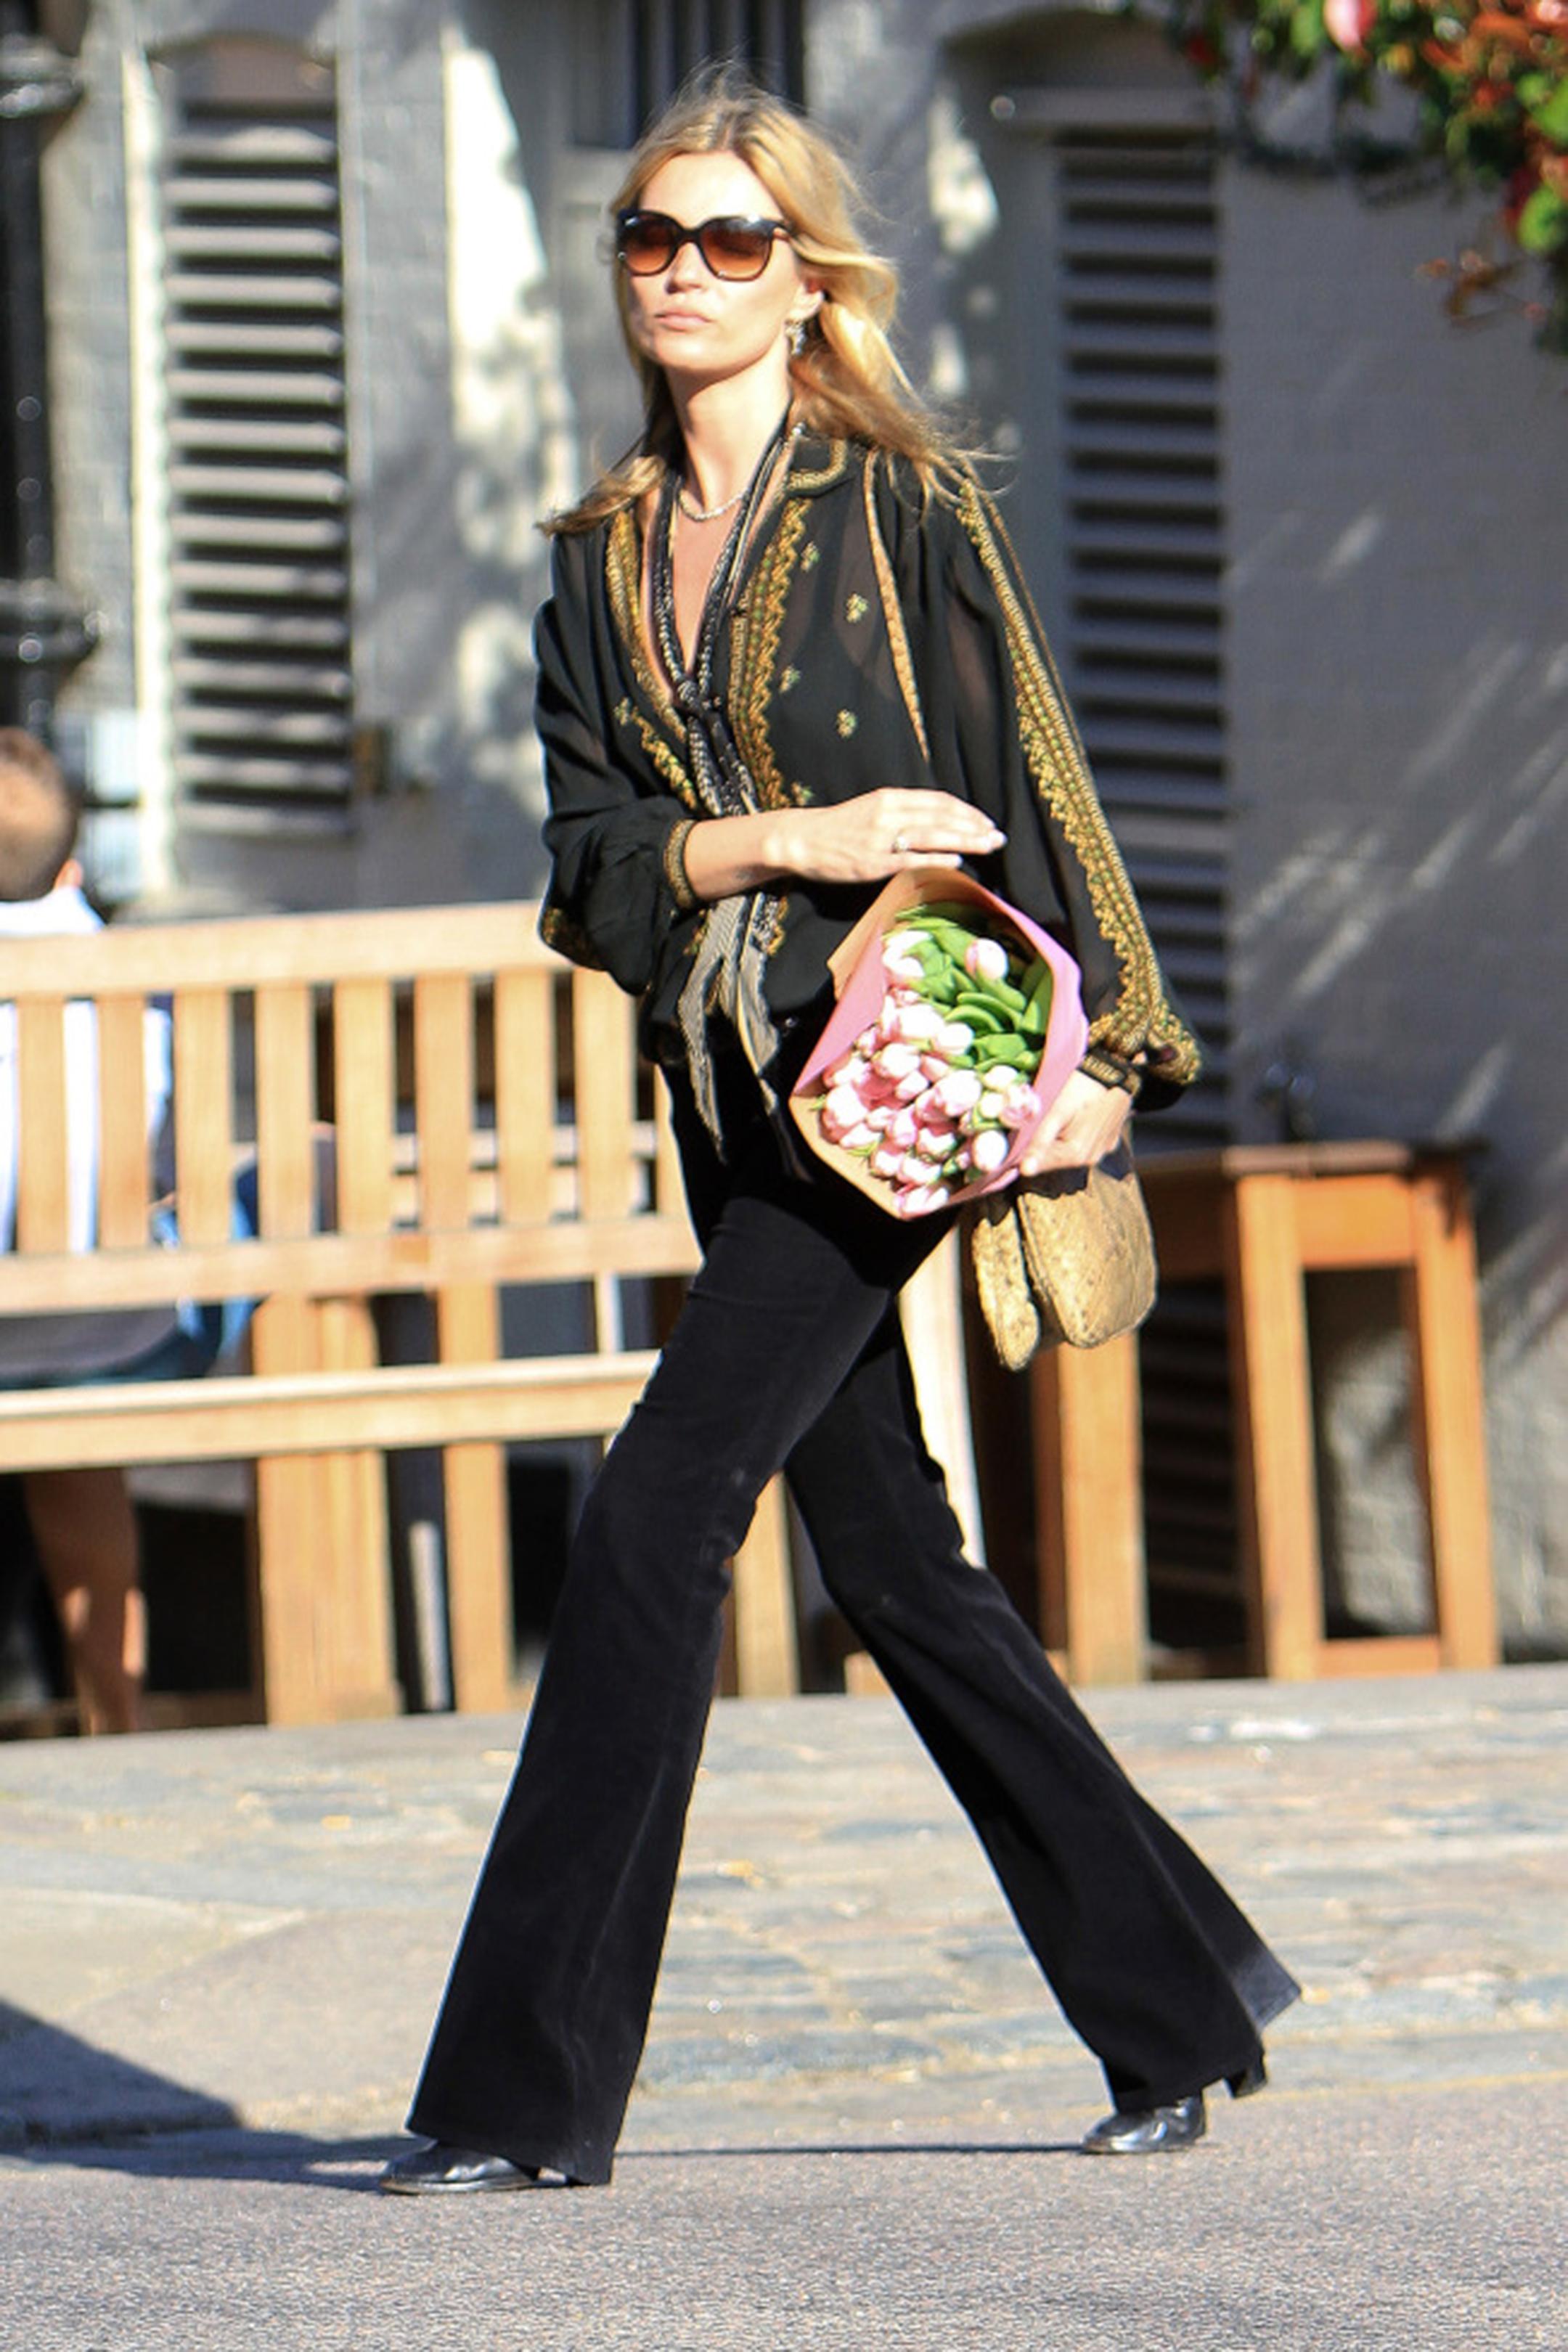 pantaloni-zampa-styleshouts-jeans-kate-moss